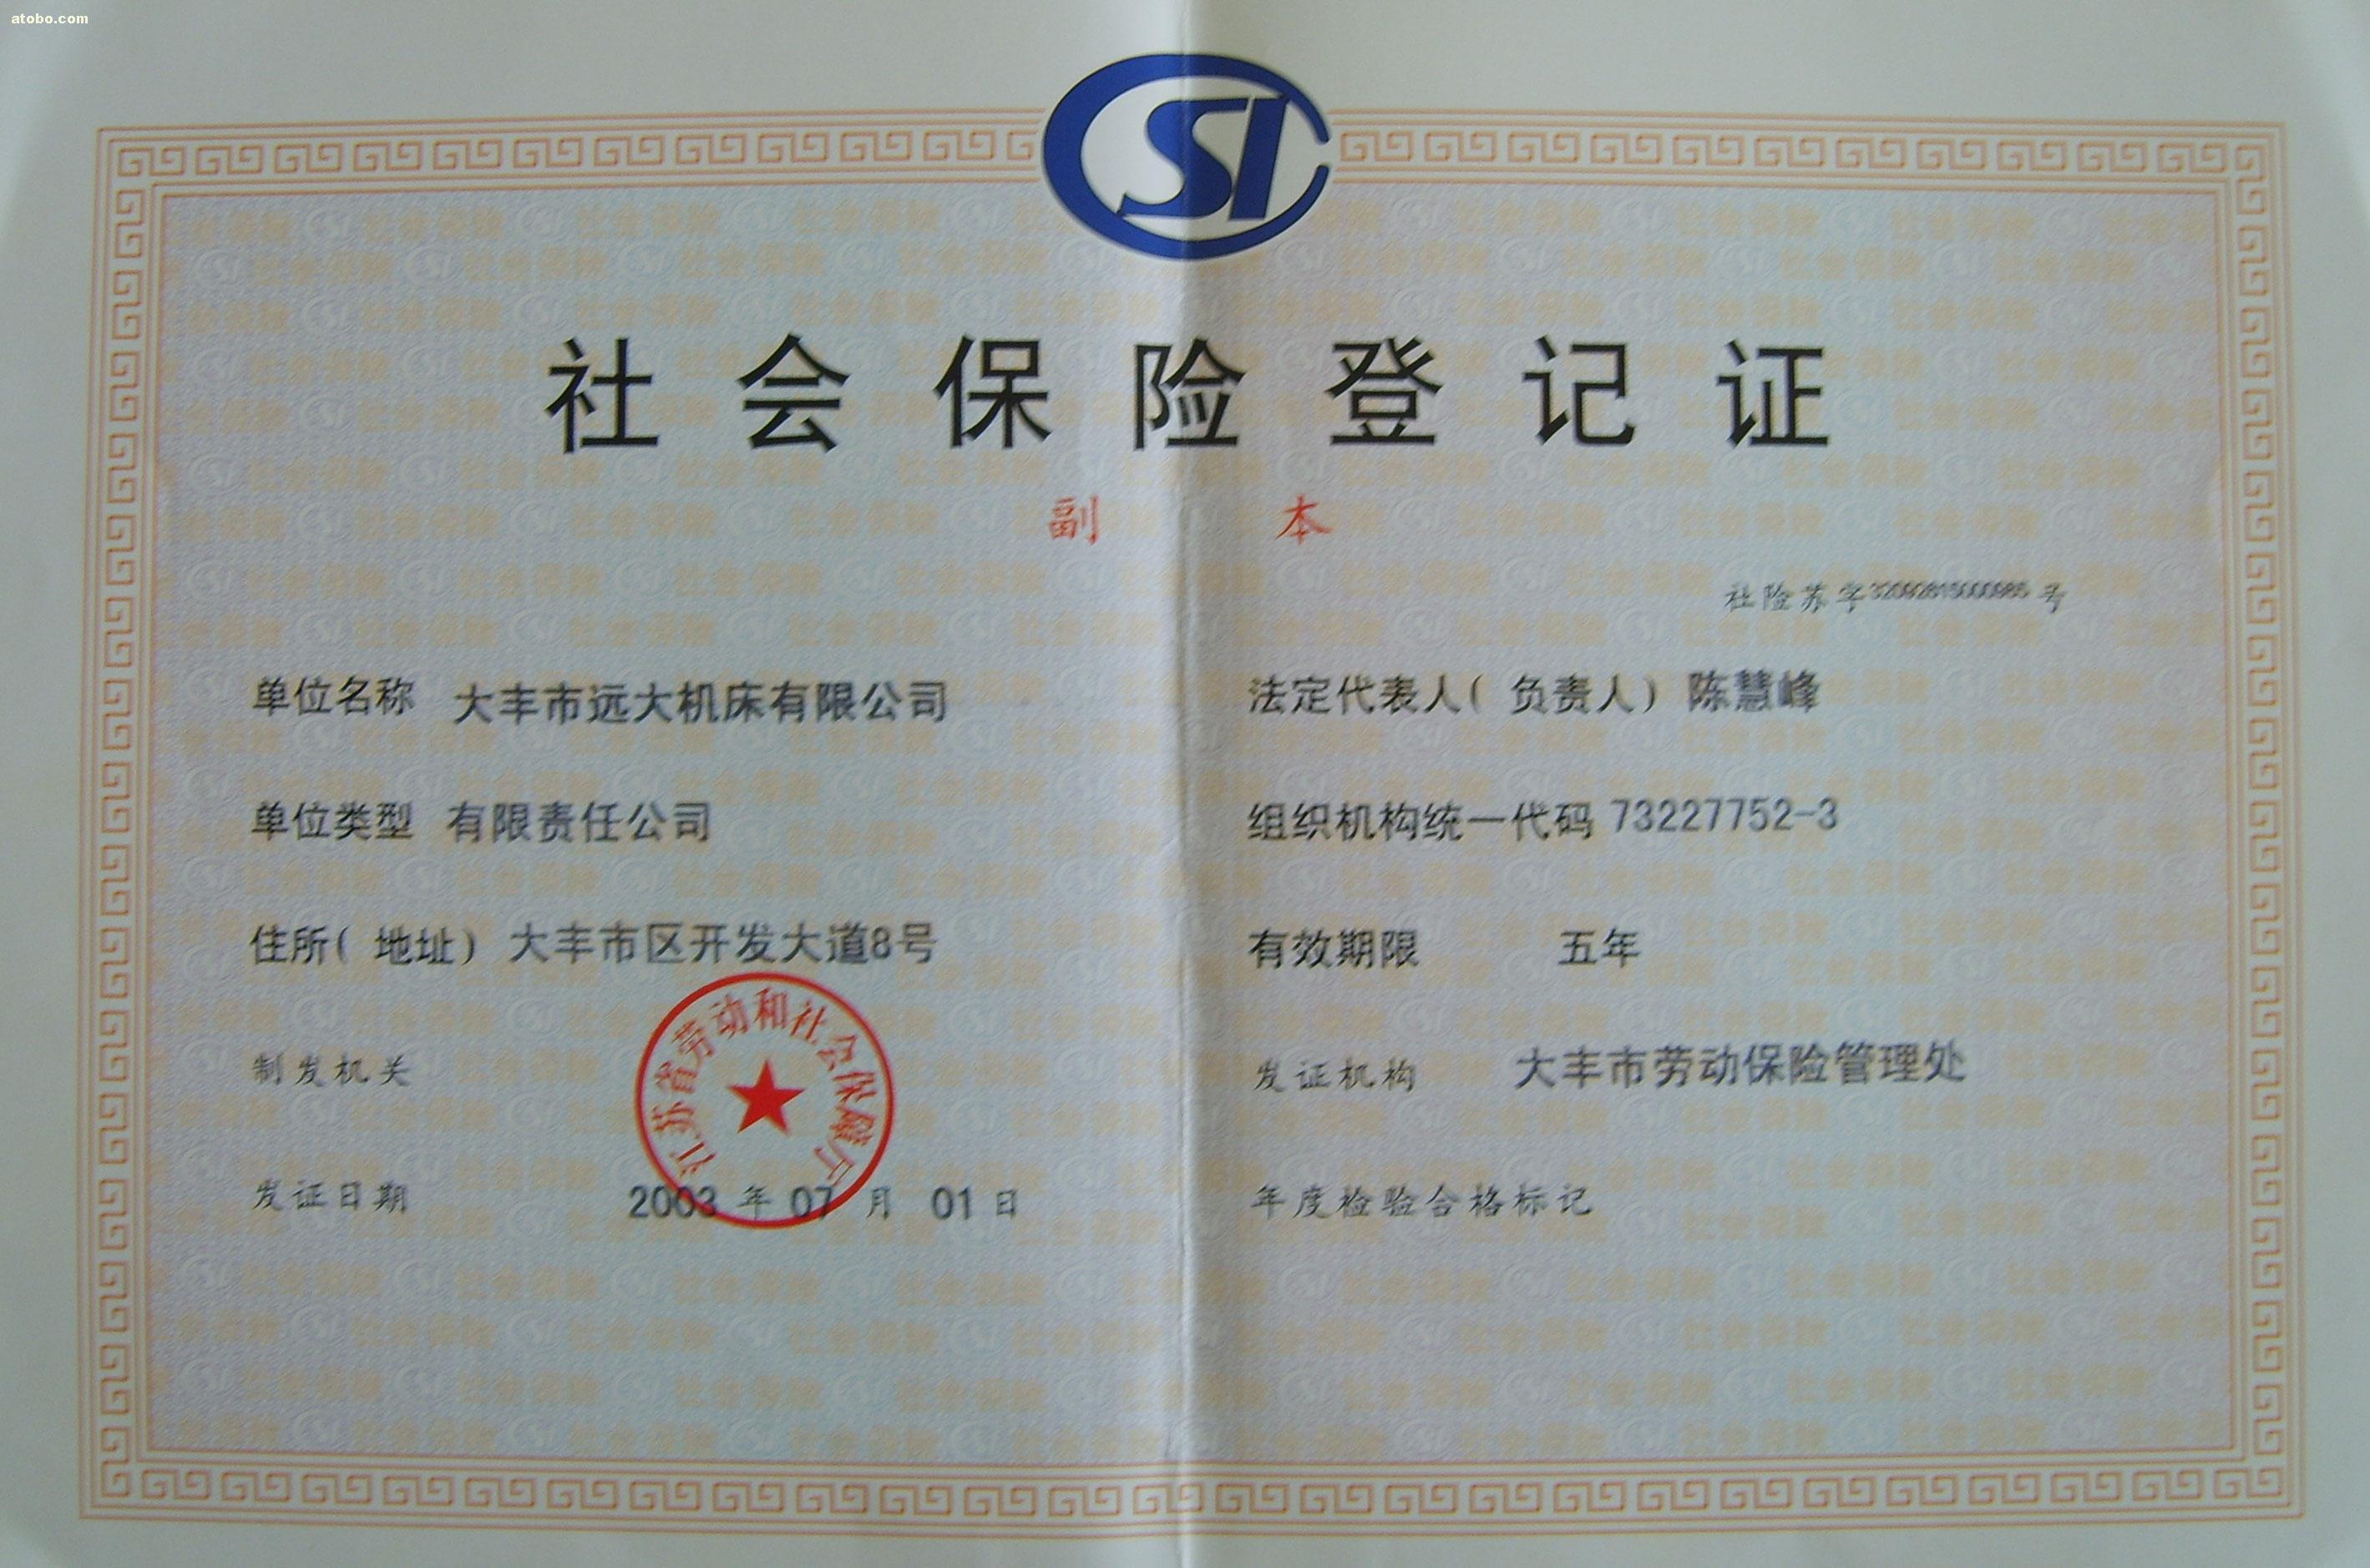 社会保险登记_住院登记 化验登记管理制度_济宁市保险社会事业局